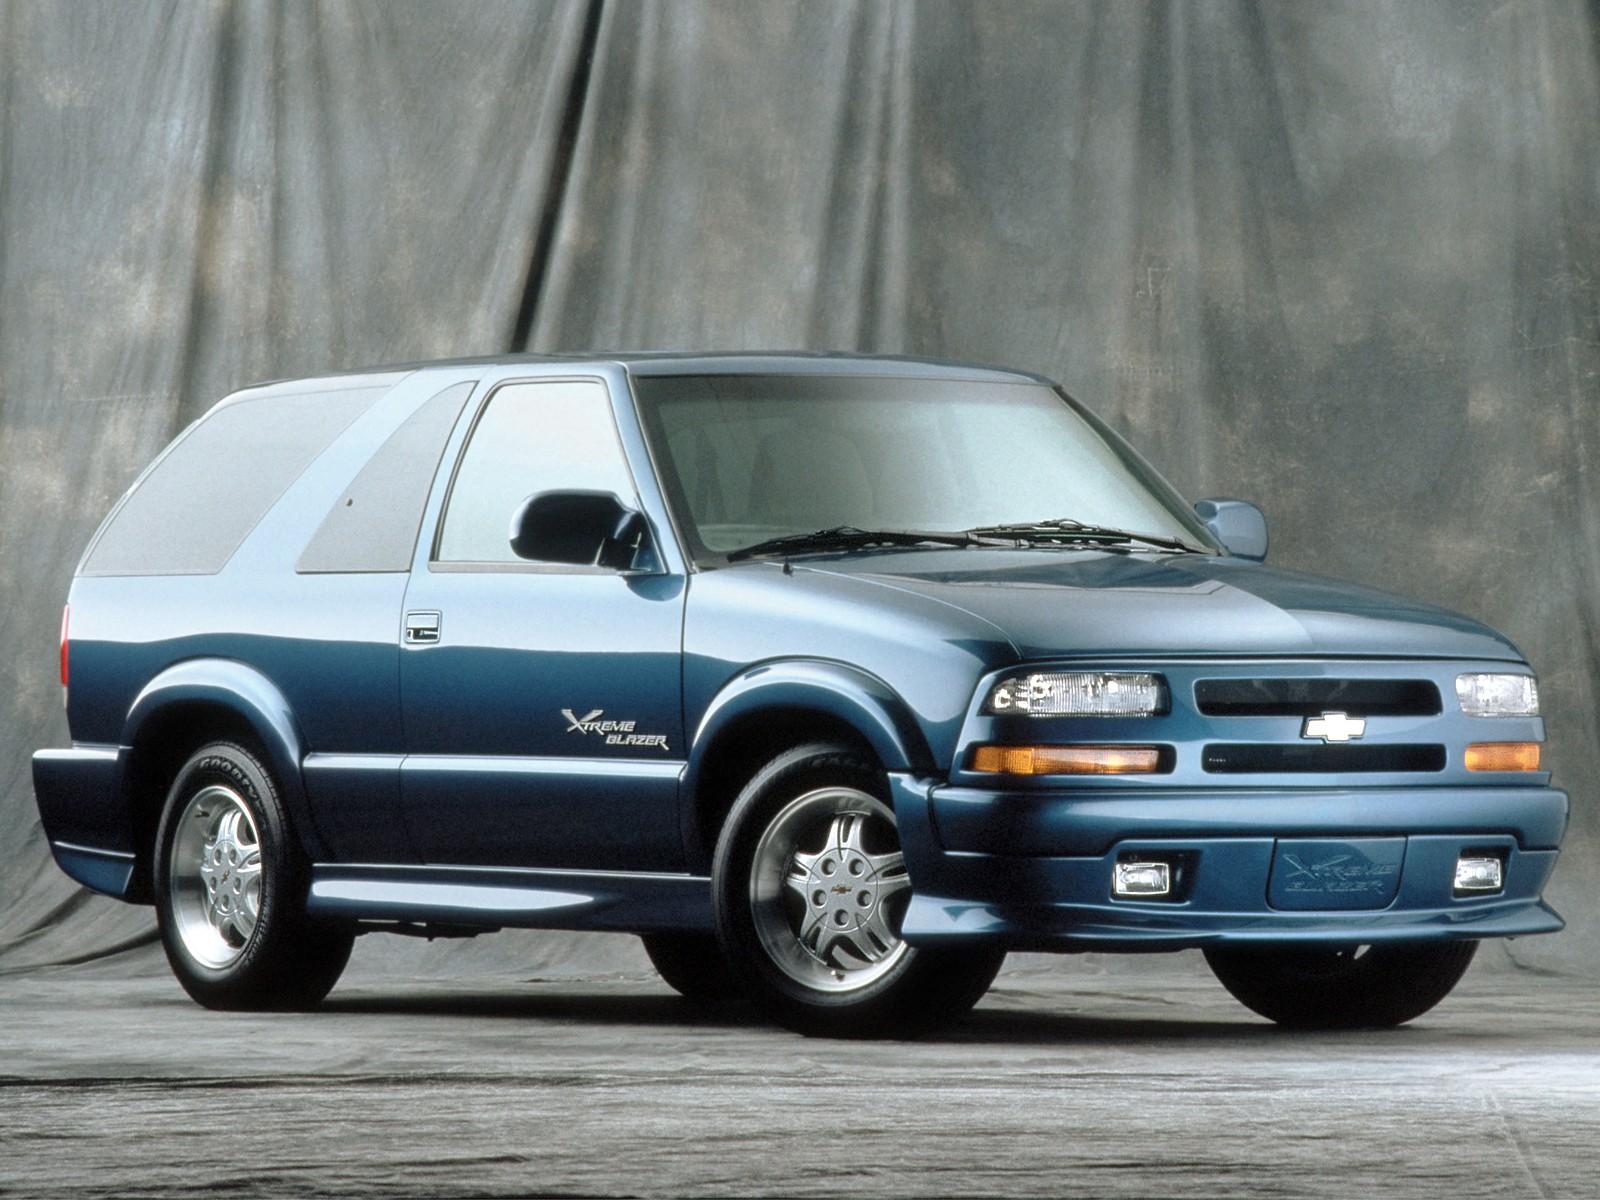 Chevrolet Blazer 3 Doors Specs